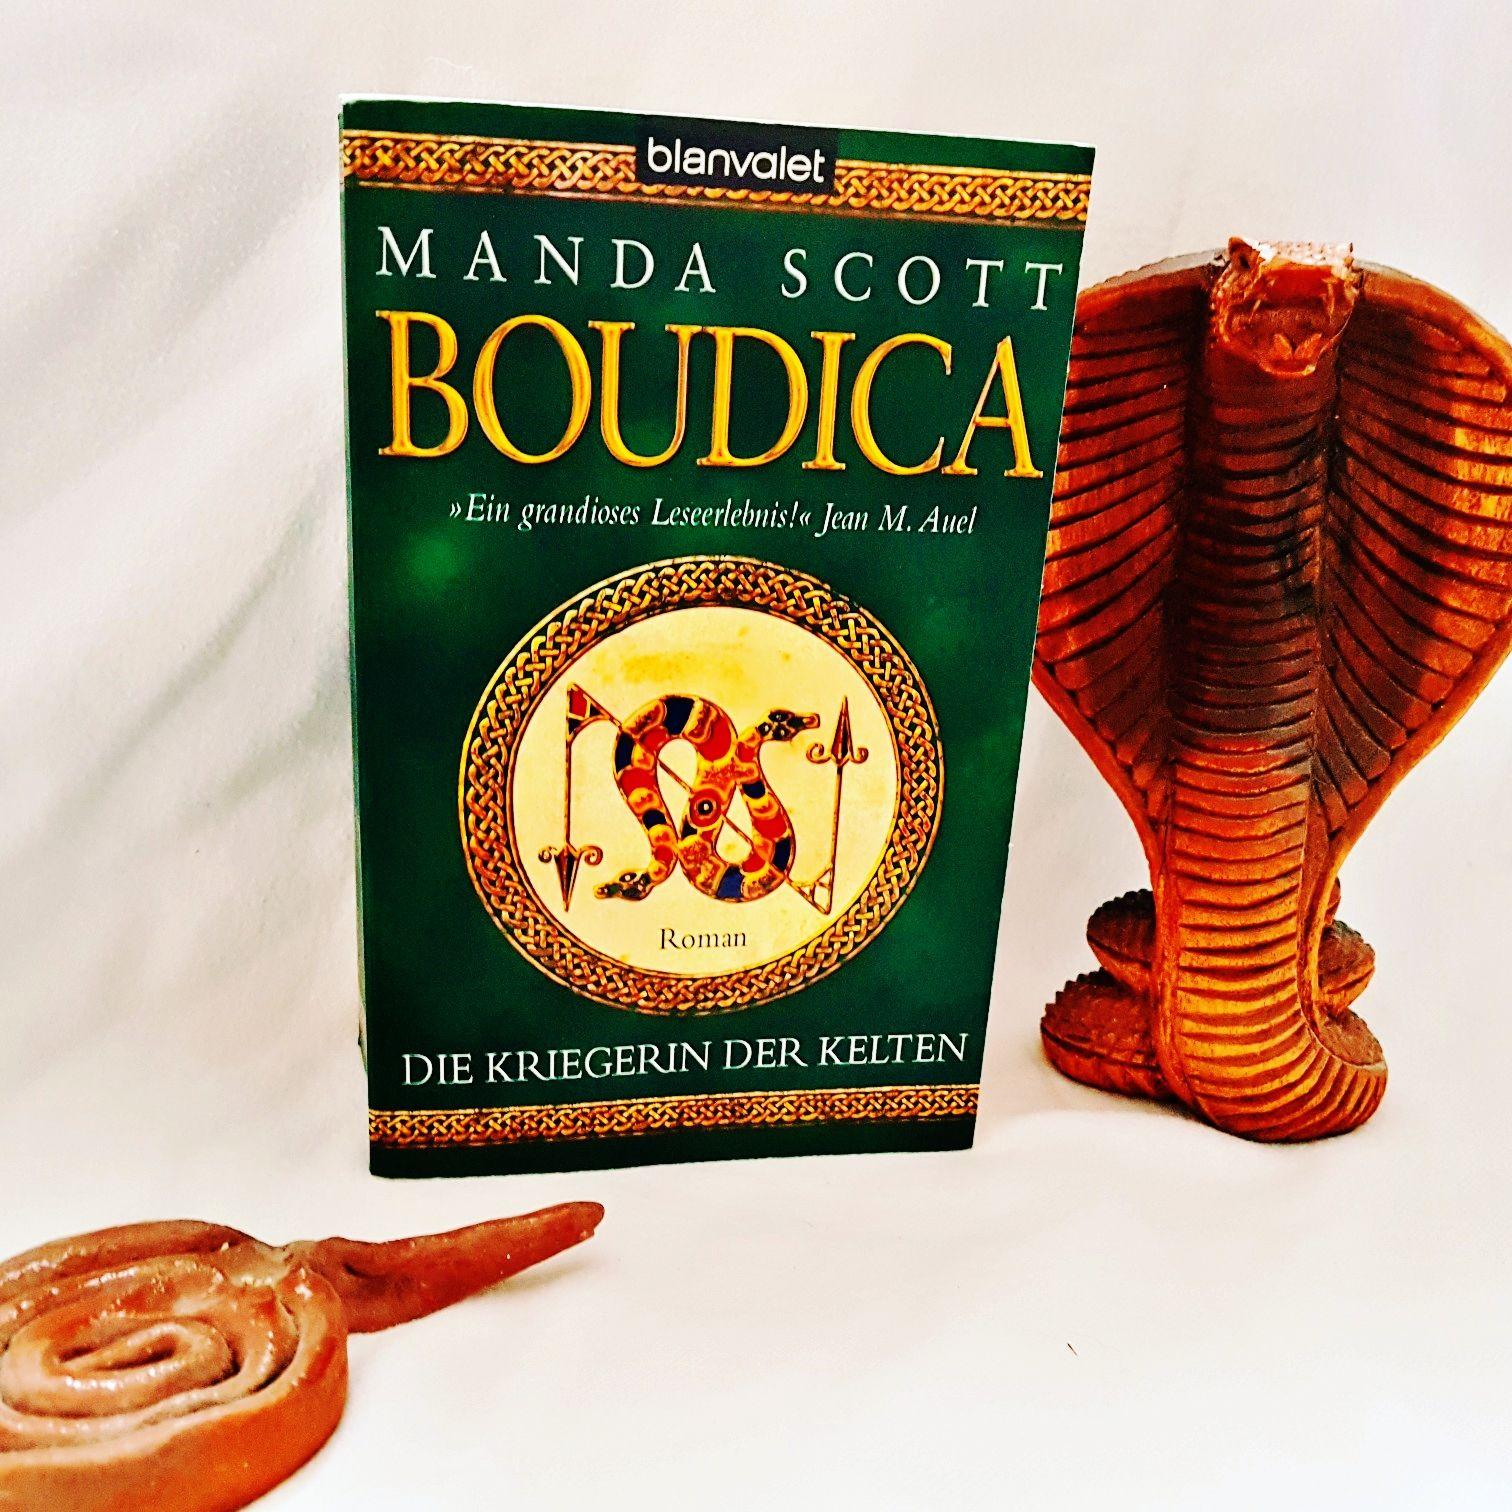 Die Kriegerin der Kelten - Boudica von Manda Scott